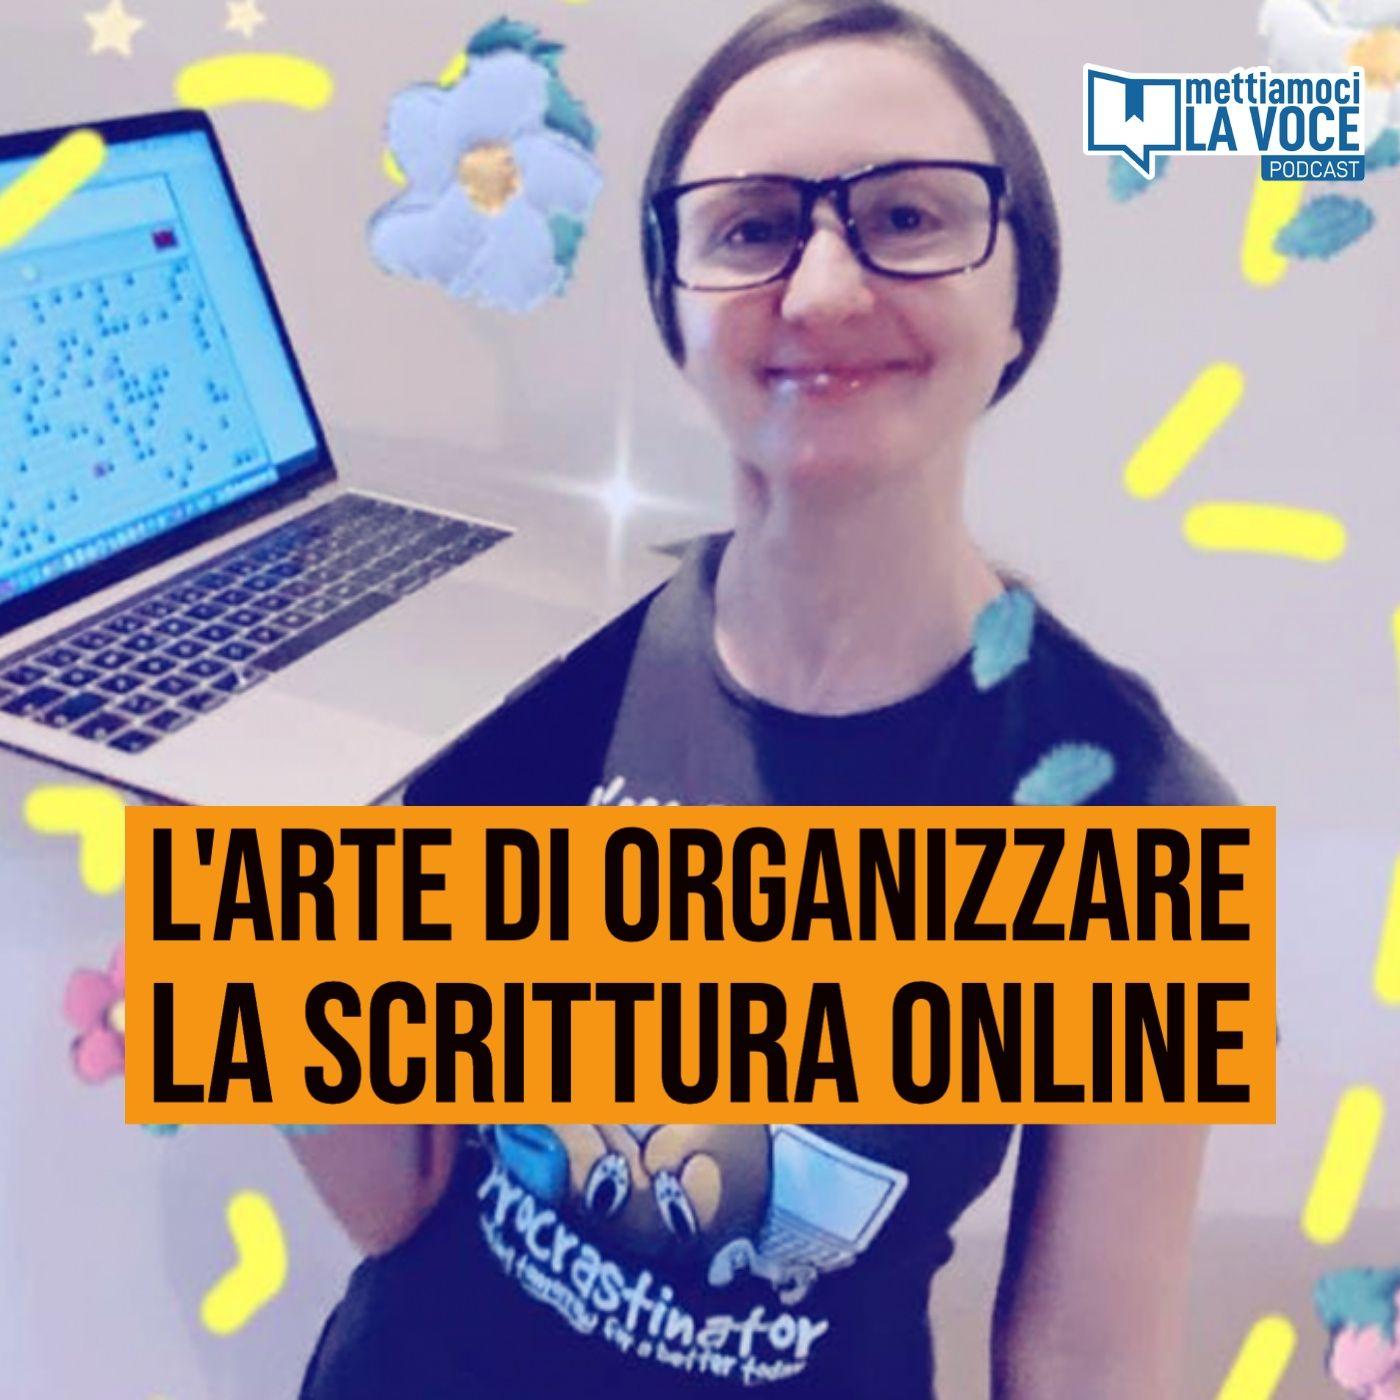 188 - L'arte di organizzare la scrittura online con Debora Montoli